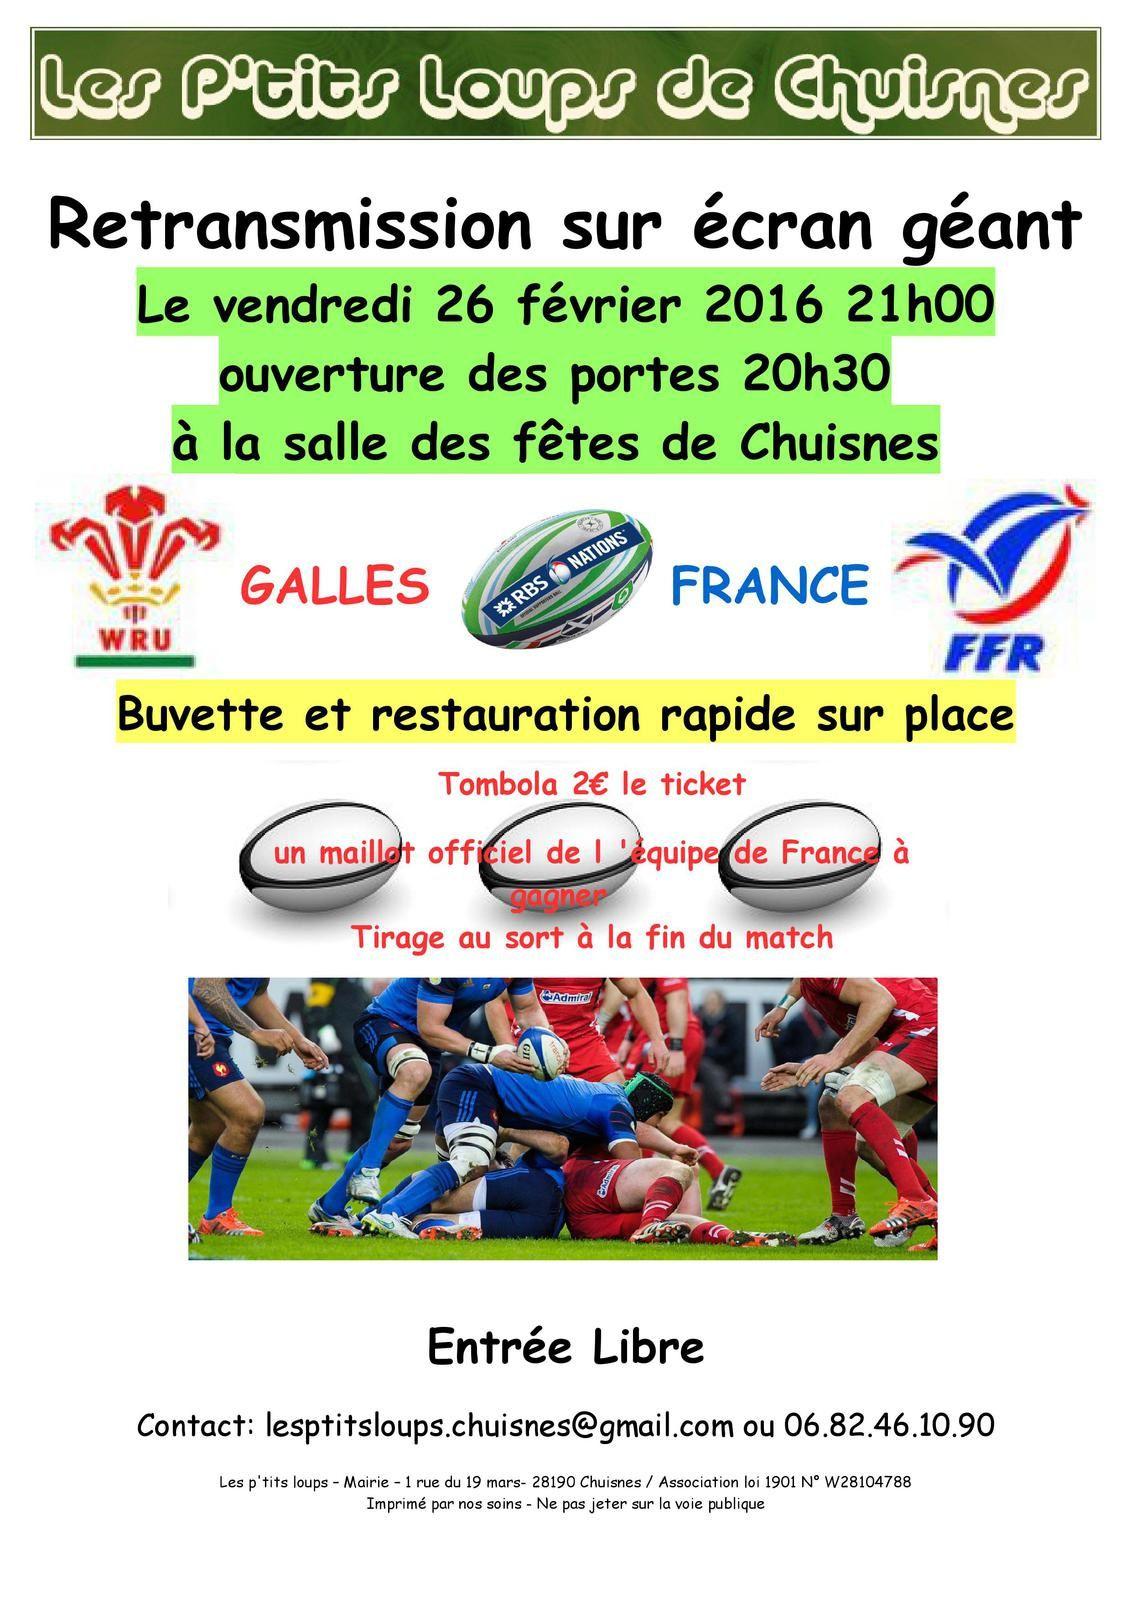 Retransmission match de rugby Galles-France le vendredi 26 février 2016